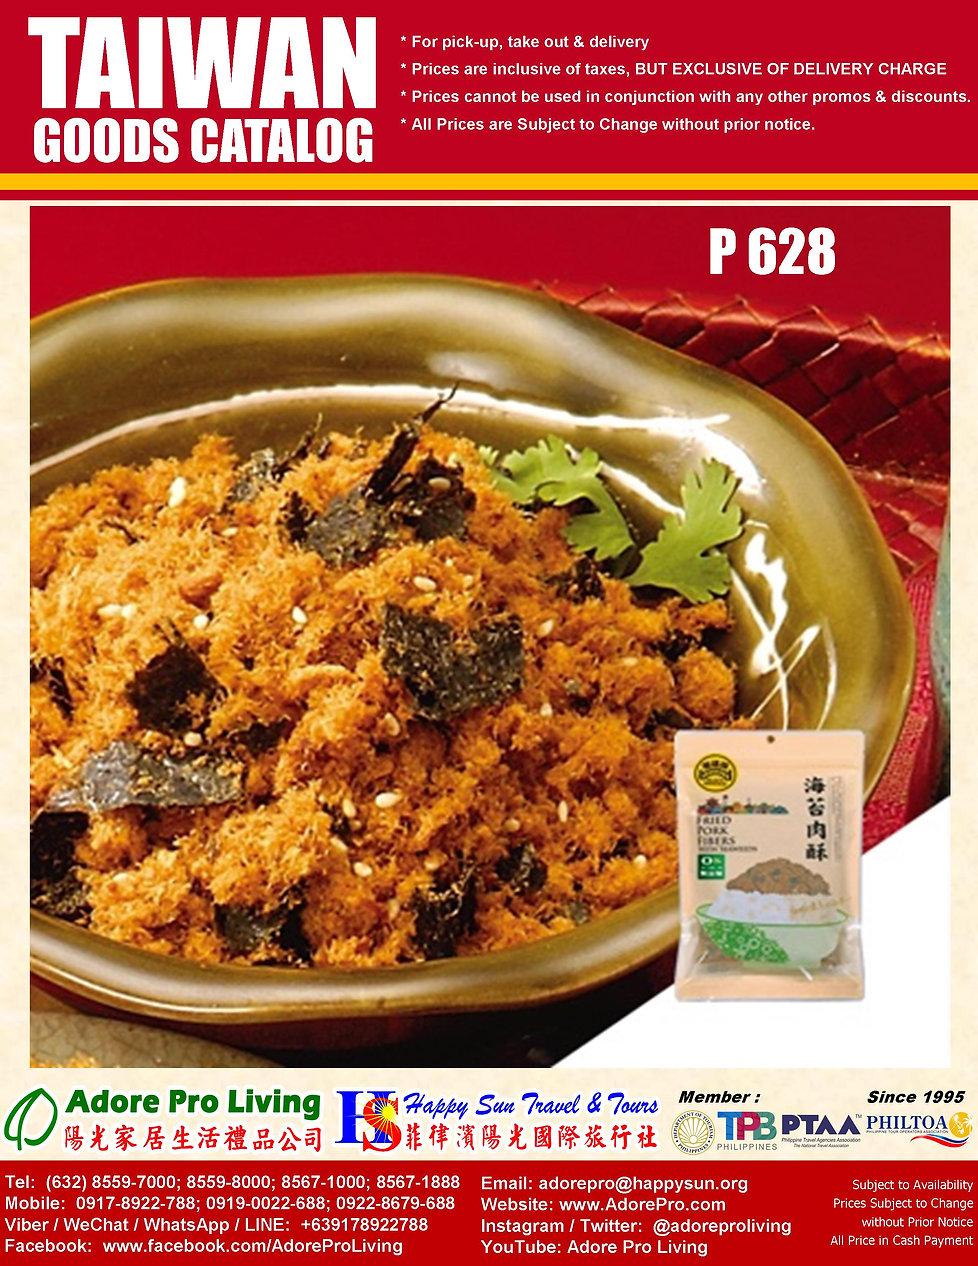 P28_Taiwan Food Catalog_5th Item_2020102